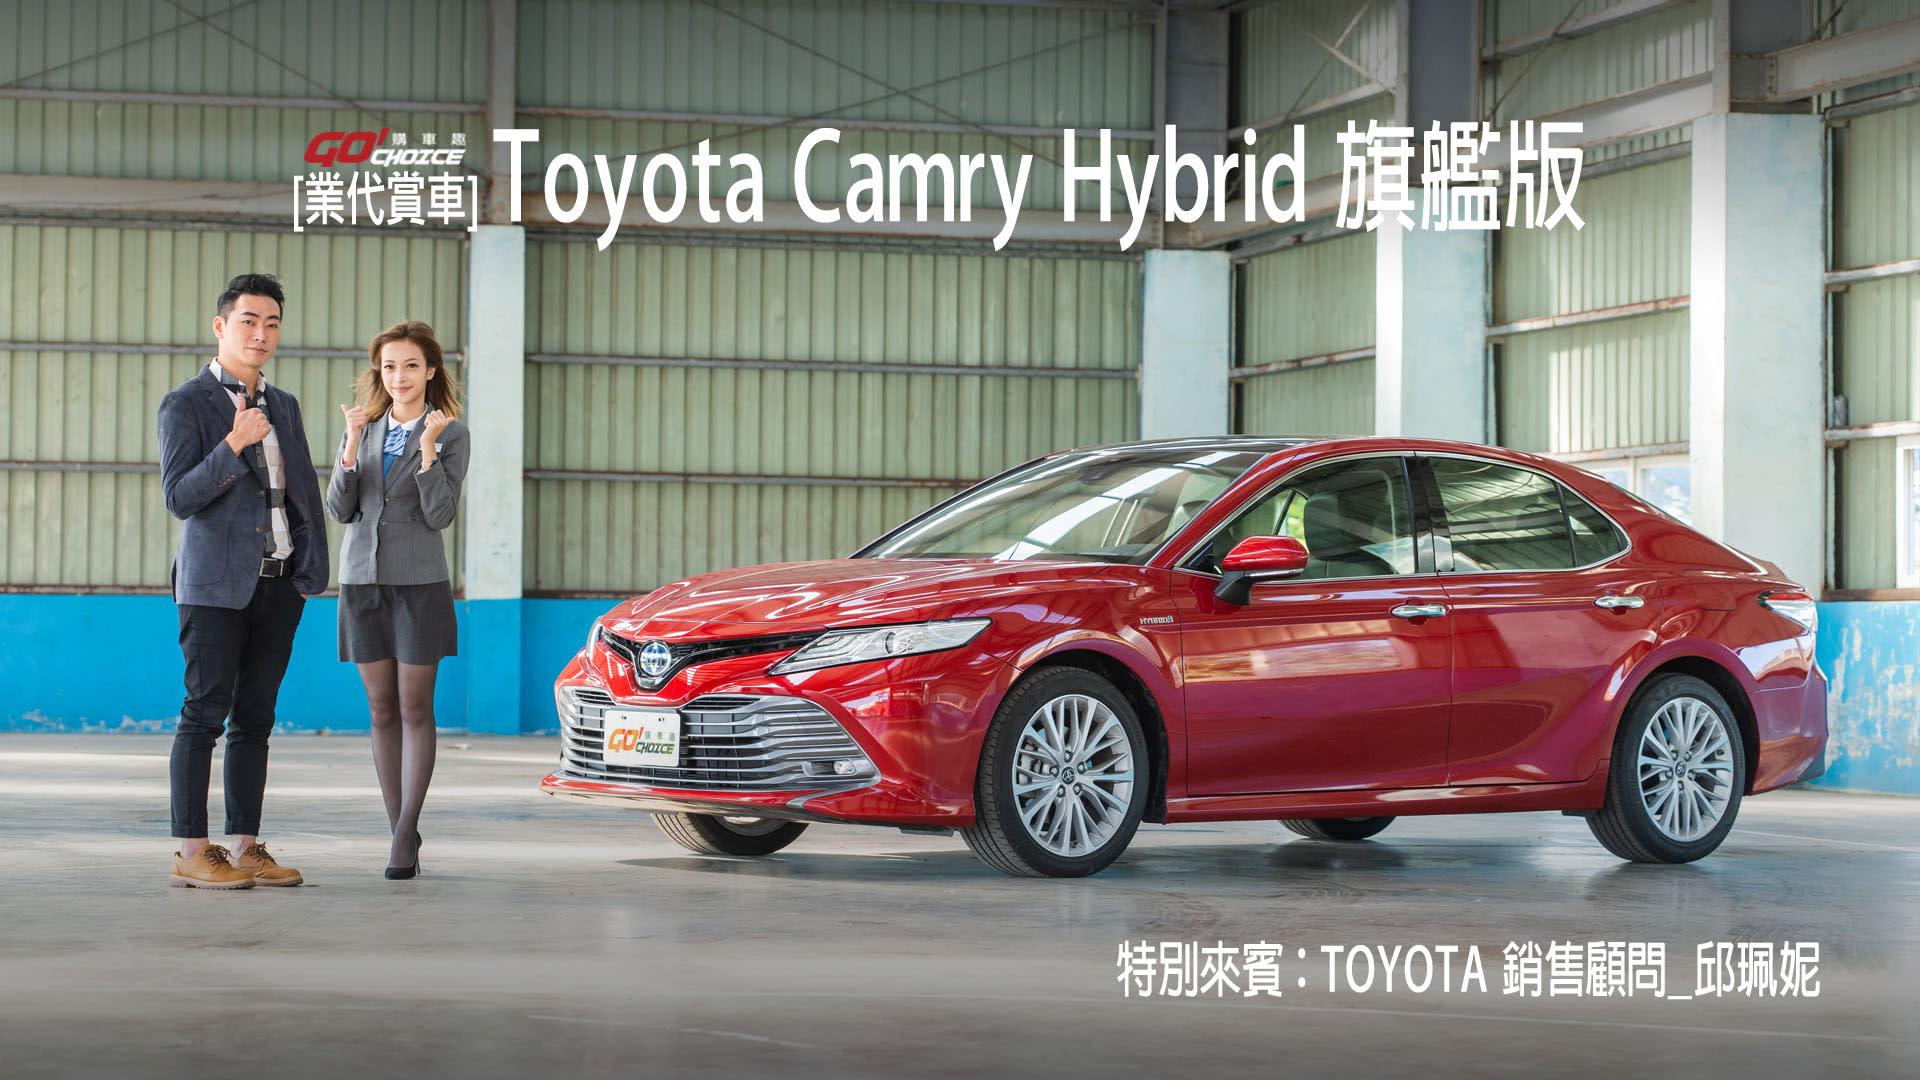 [業代賞車]Toyota Camry Hybrid-Toyota桃園 銷售顧問_邱珮妮